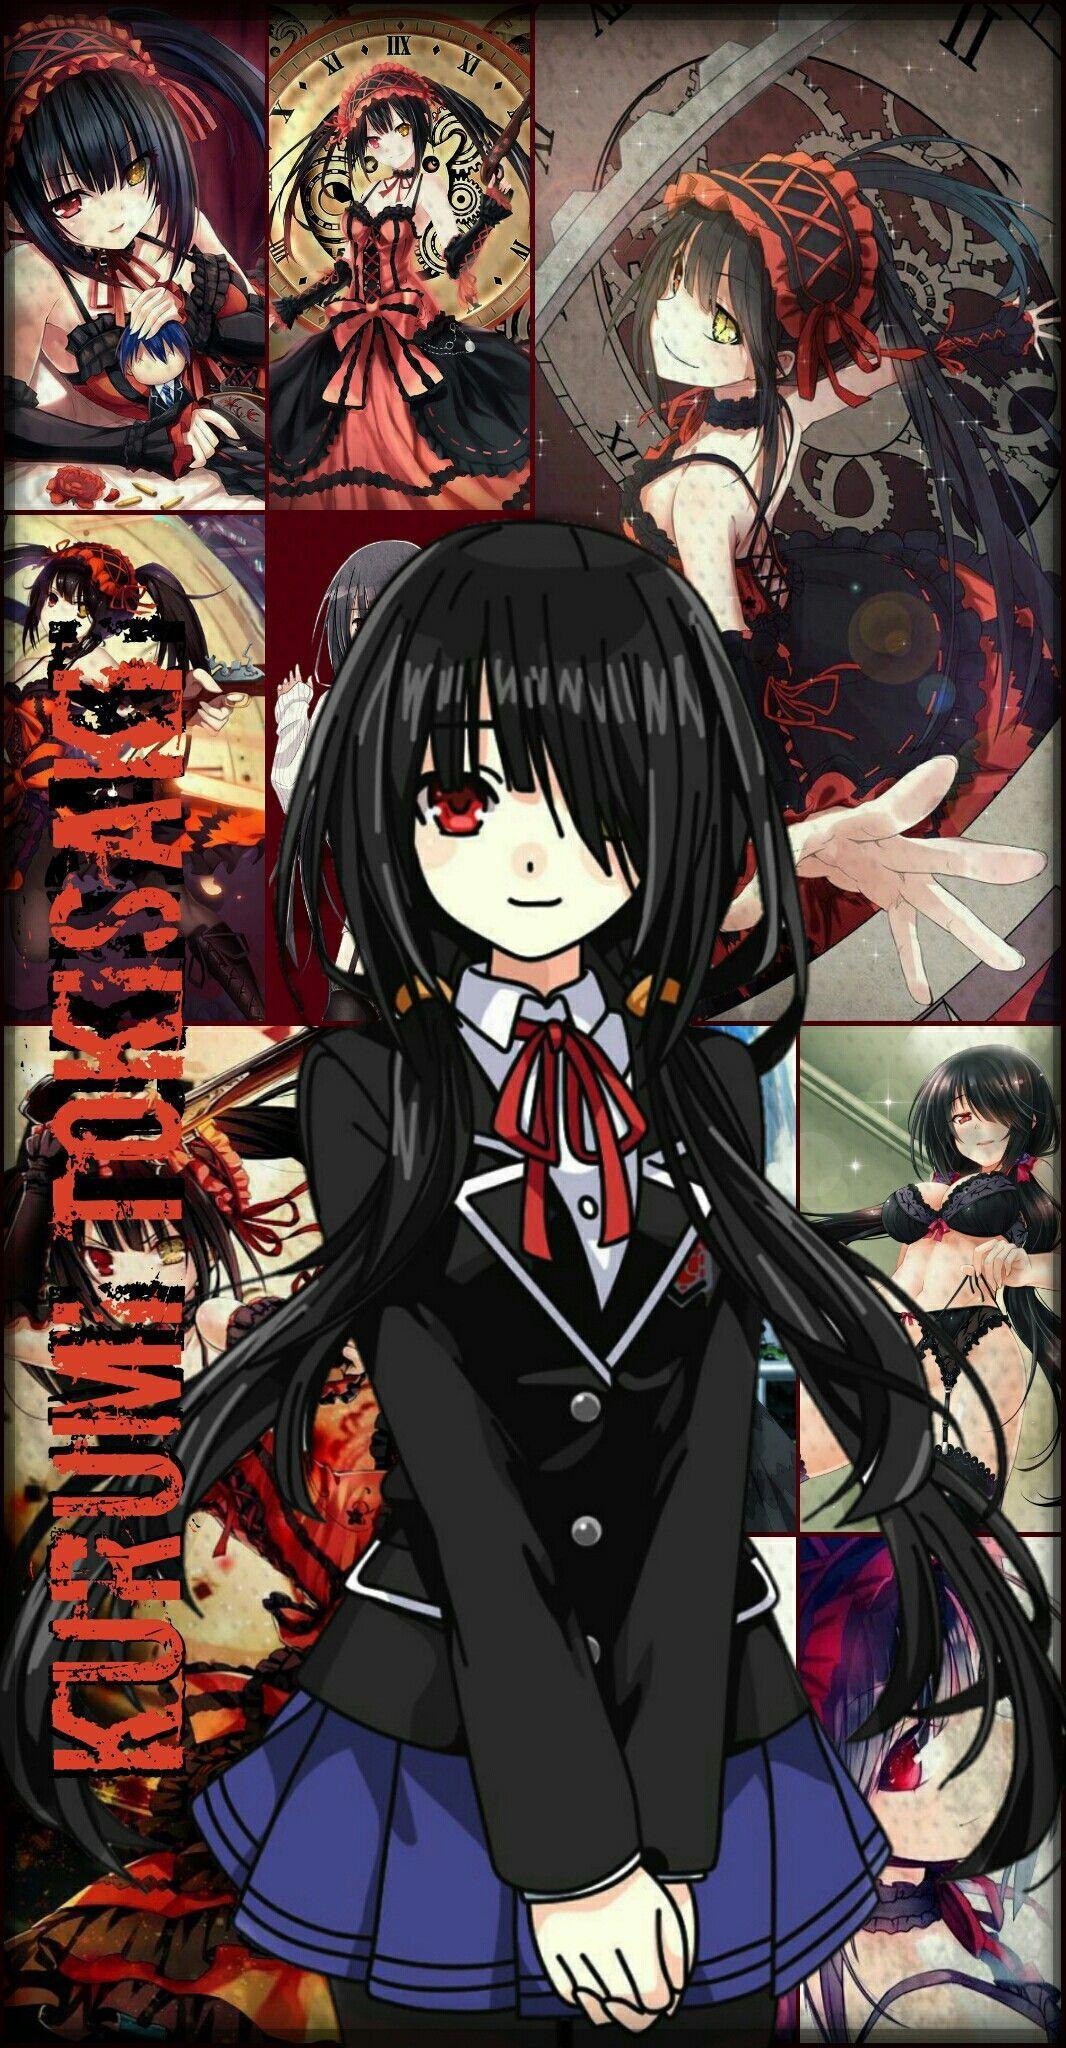 Waifus Anime Wallpaper Kurumi Tokisaki Date A Live Anime